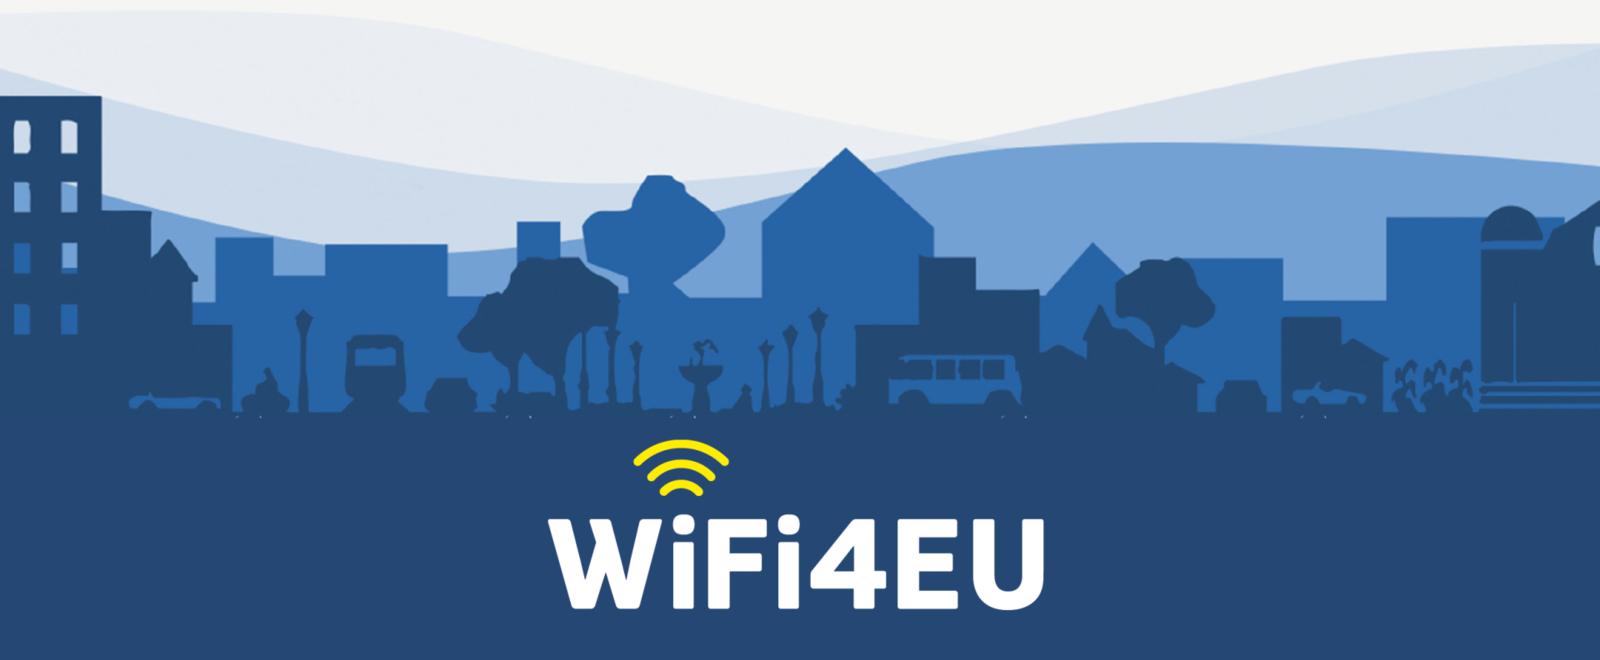 Kur Visagine norėtumėte turėti WIFI4EU prieigos taškų?